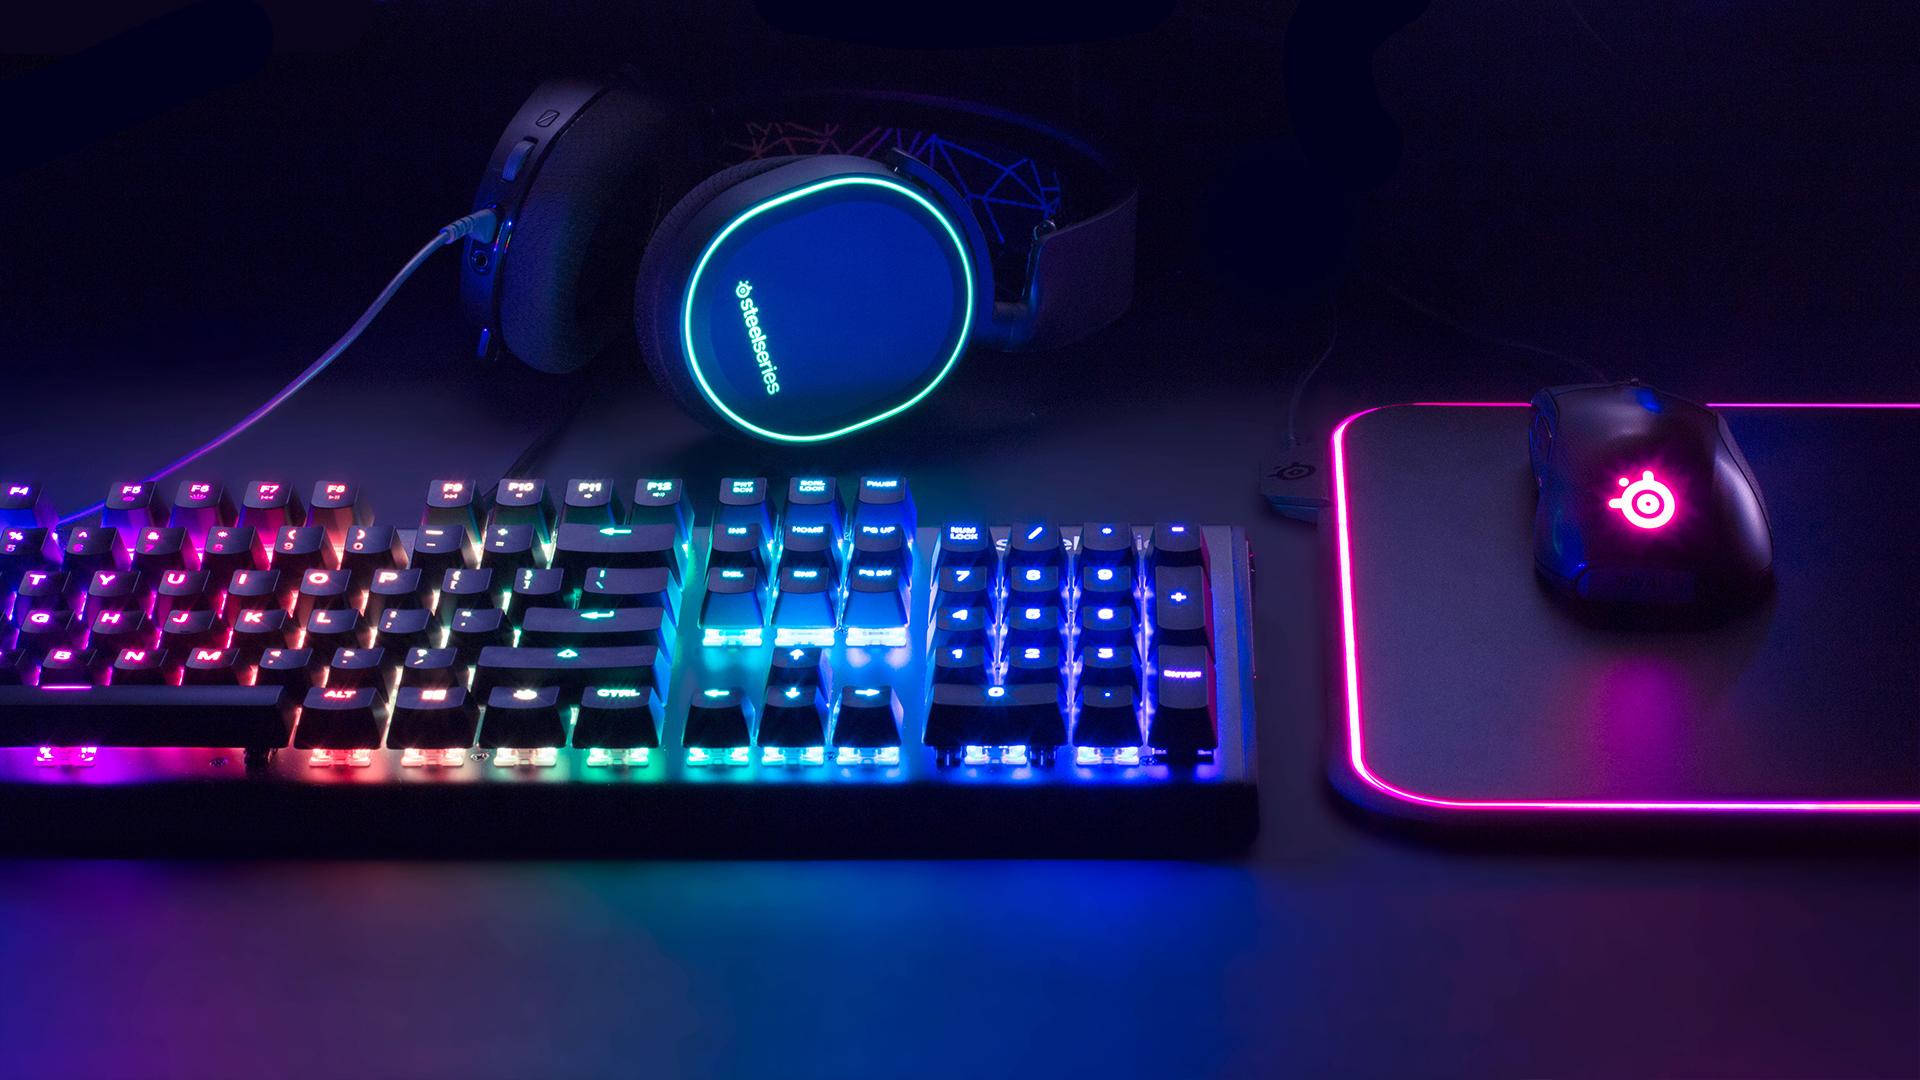 Виды игровых клавиатур